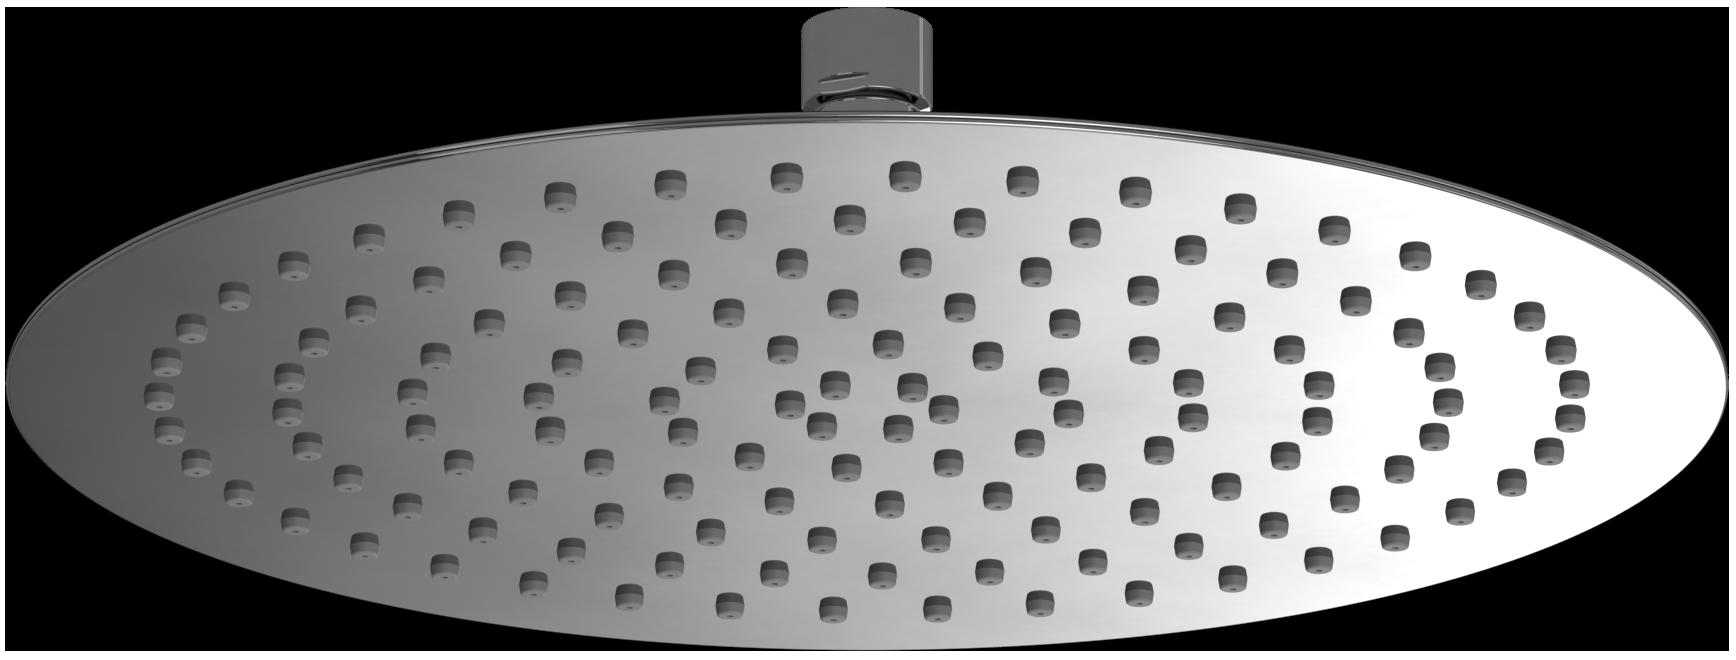 Universal bath shower accessories head shower round - Bathroom items that start with l ...